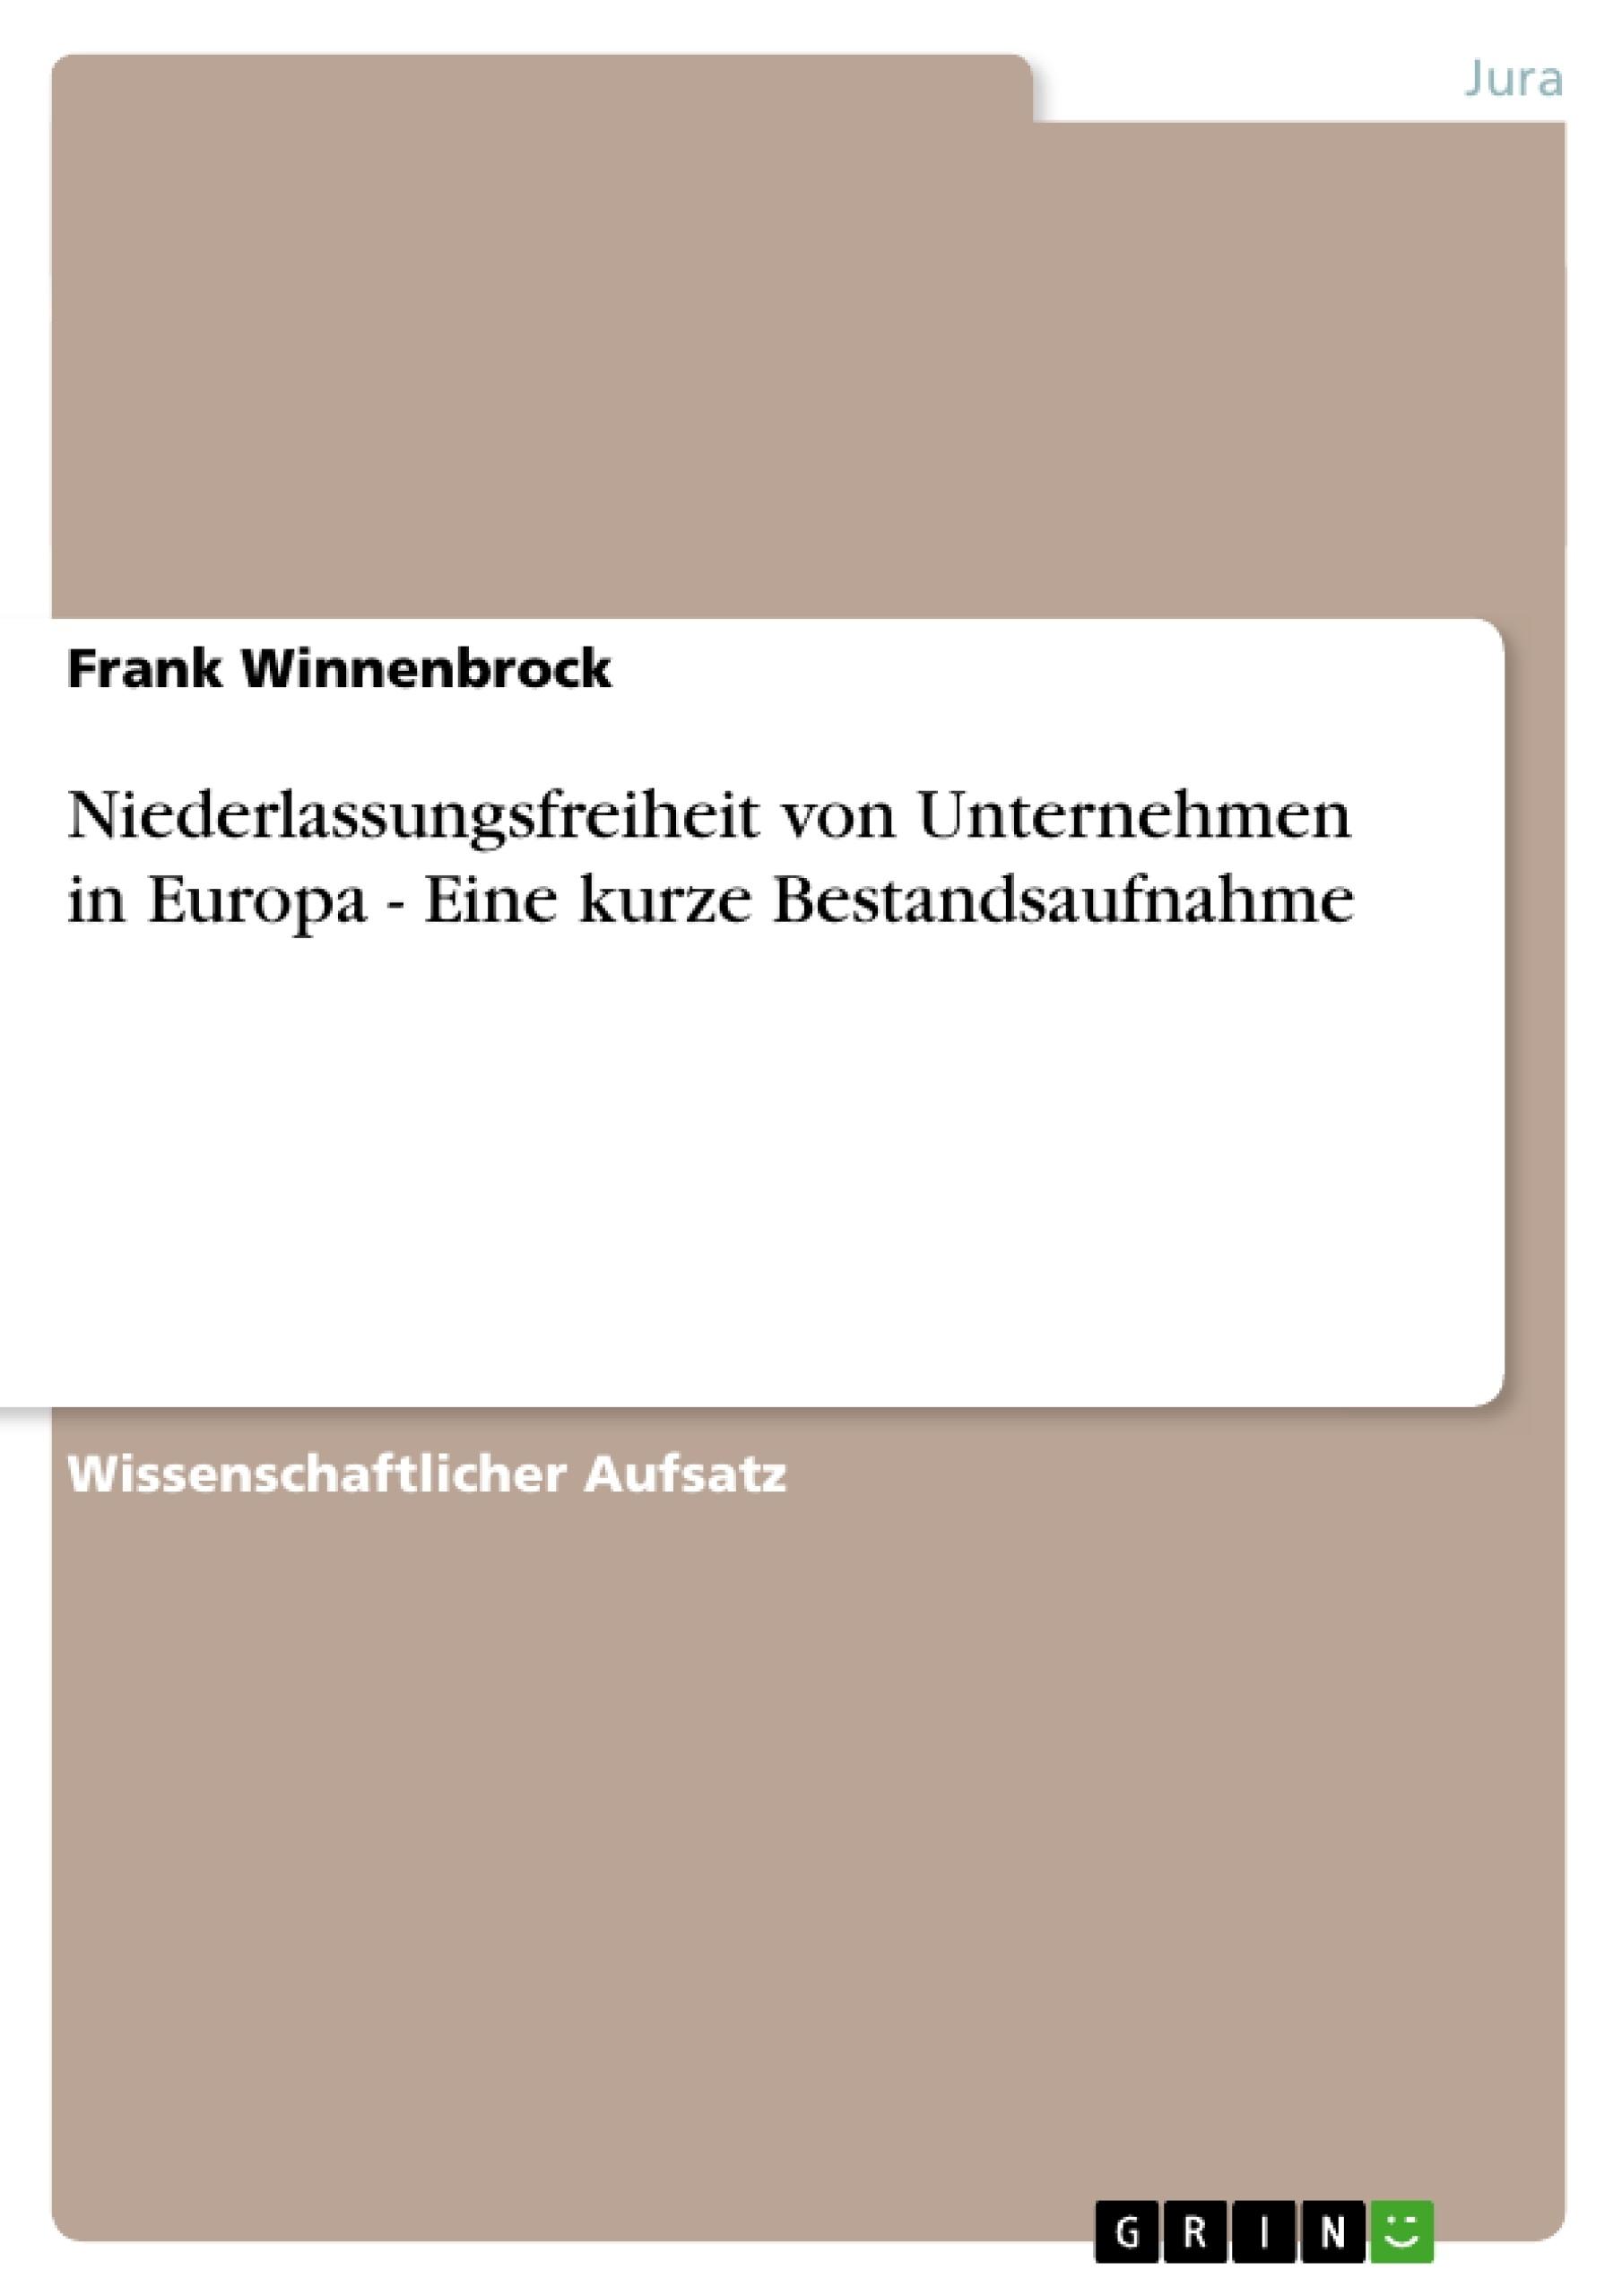 Titel: Niederlassungsfreiheit von Unternehmen in Europa - Eine kurze Bestandsaufnahme